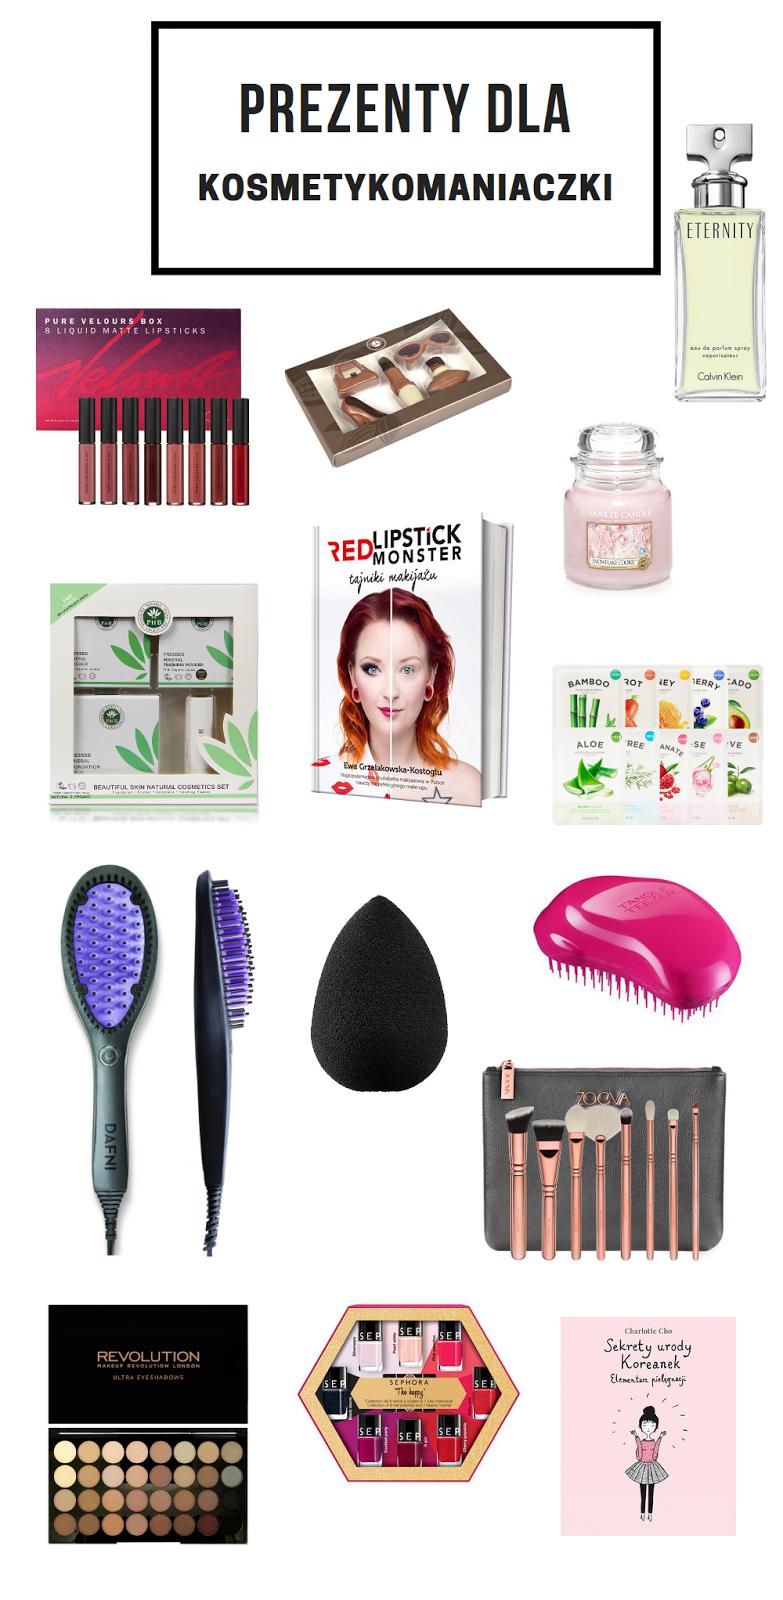 christmas gift ideas, prezenty dla kosmetykomaniaczki, świąteczne prezenty